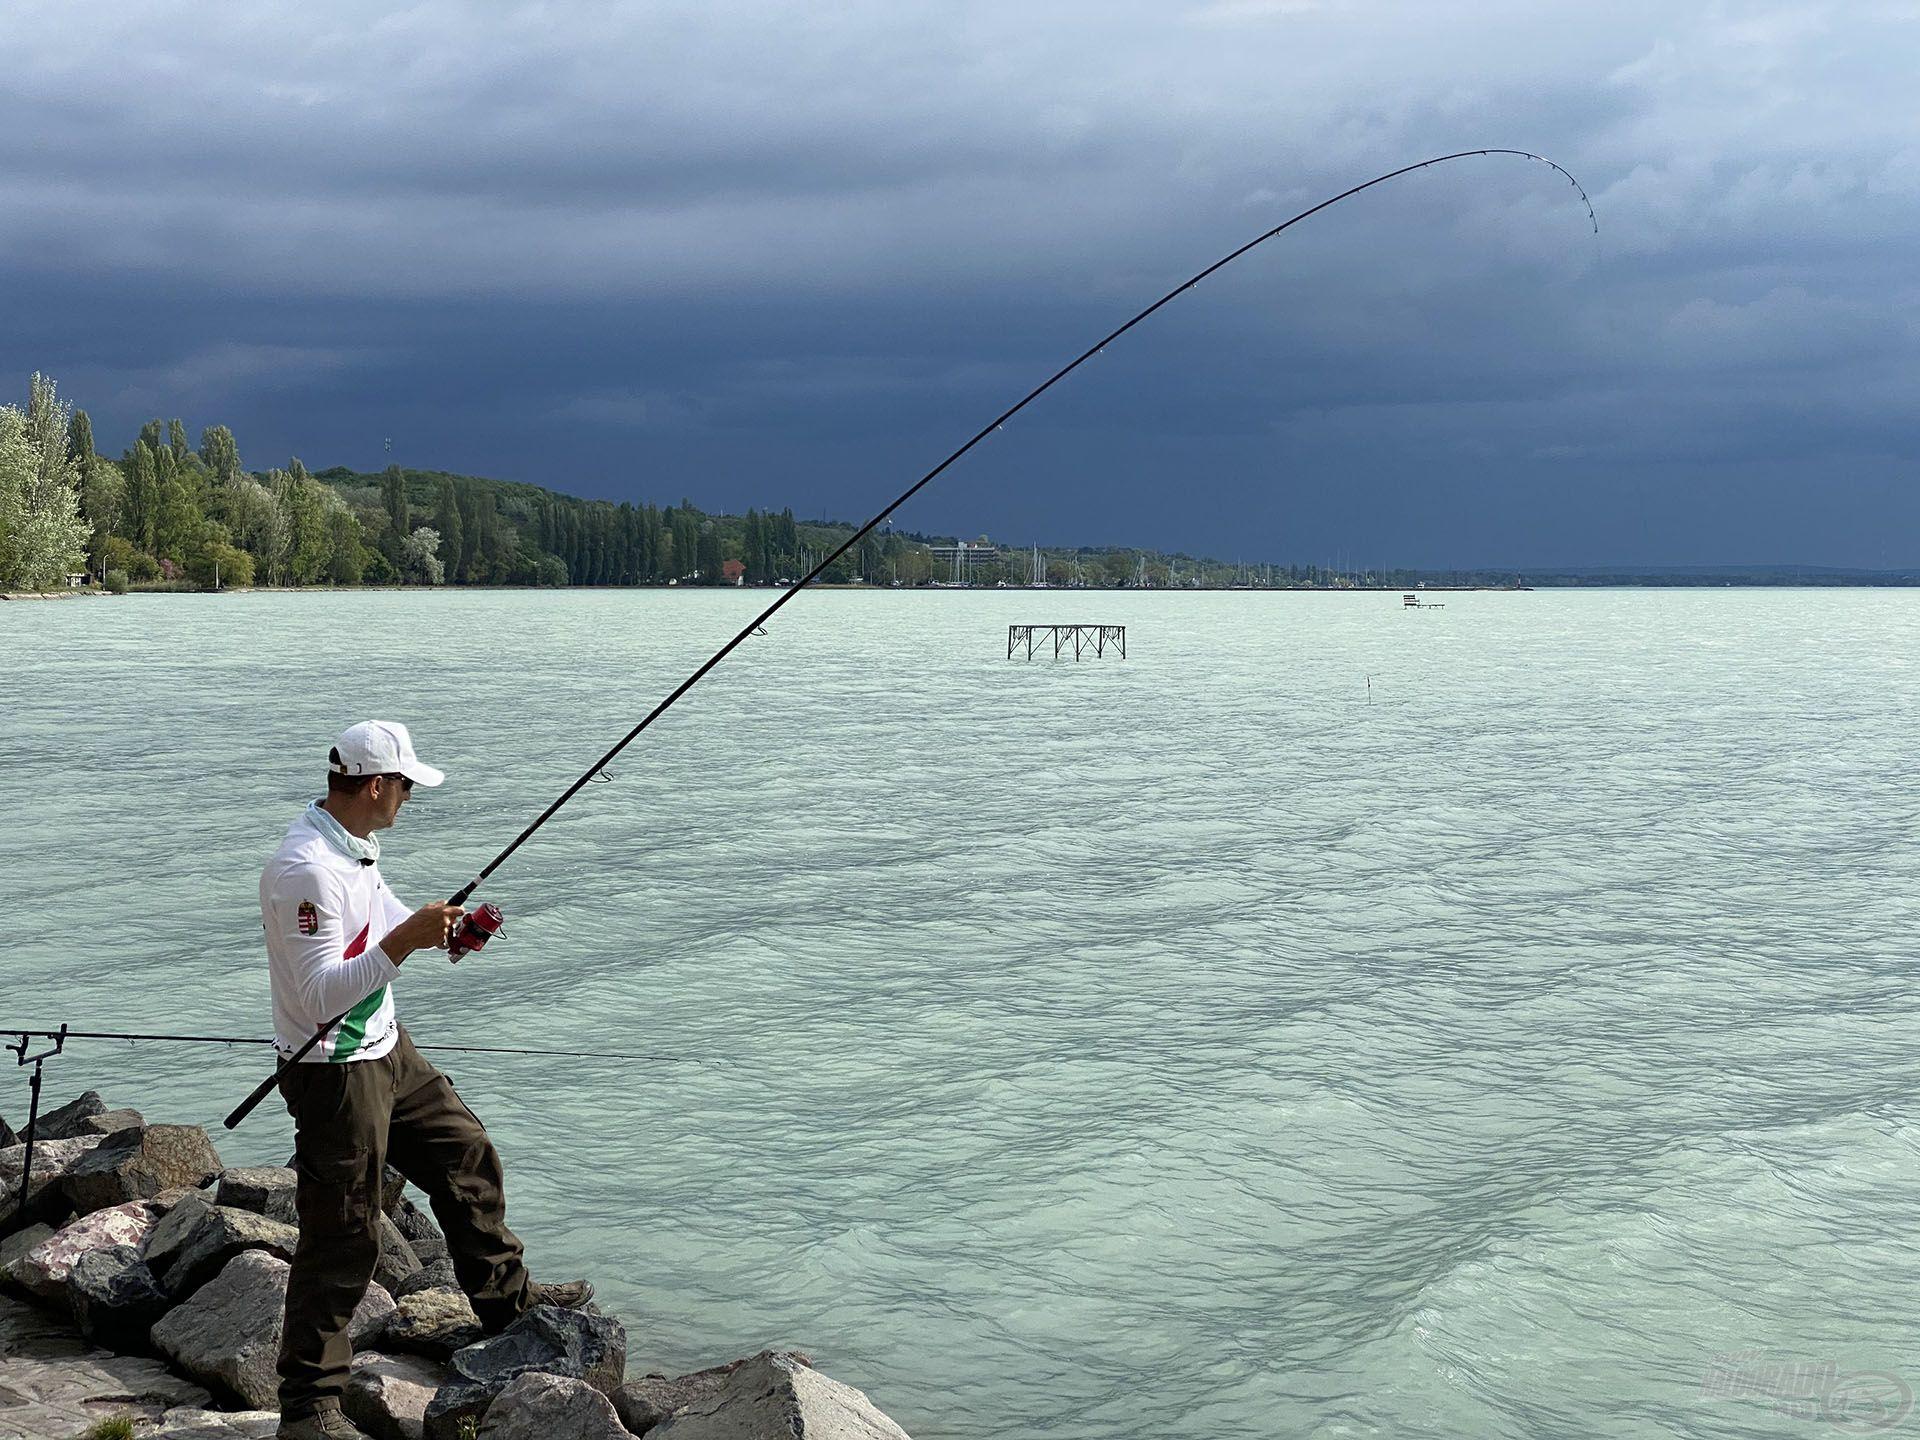 Újabb szép hal küzd a horgon, a háttérben pedig már nagyon esik…